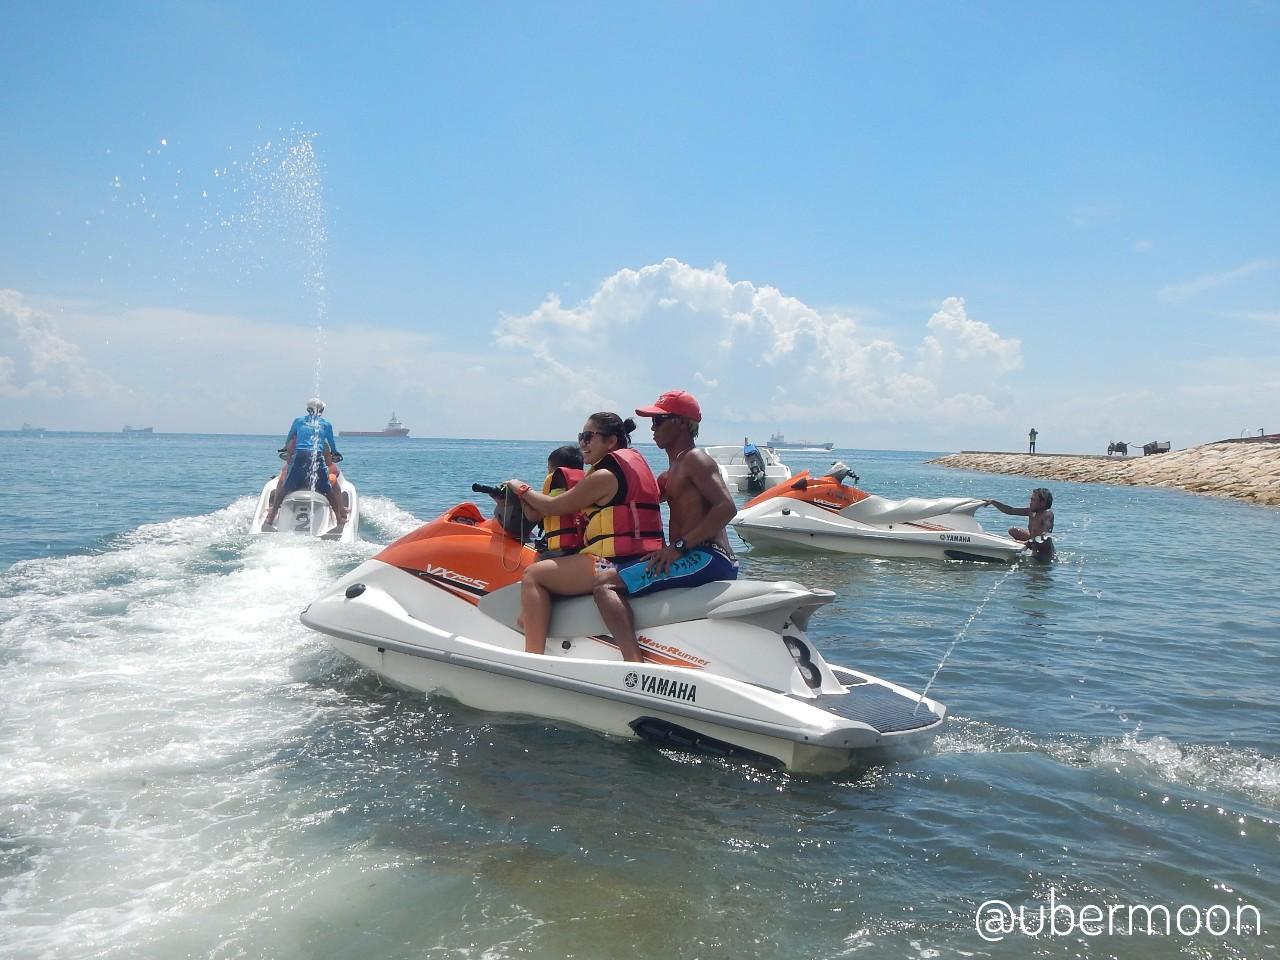 Naik Jetski di Tanjung Benoa